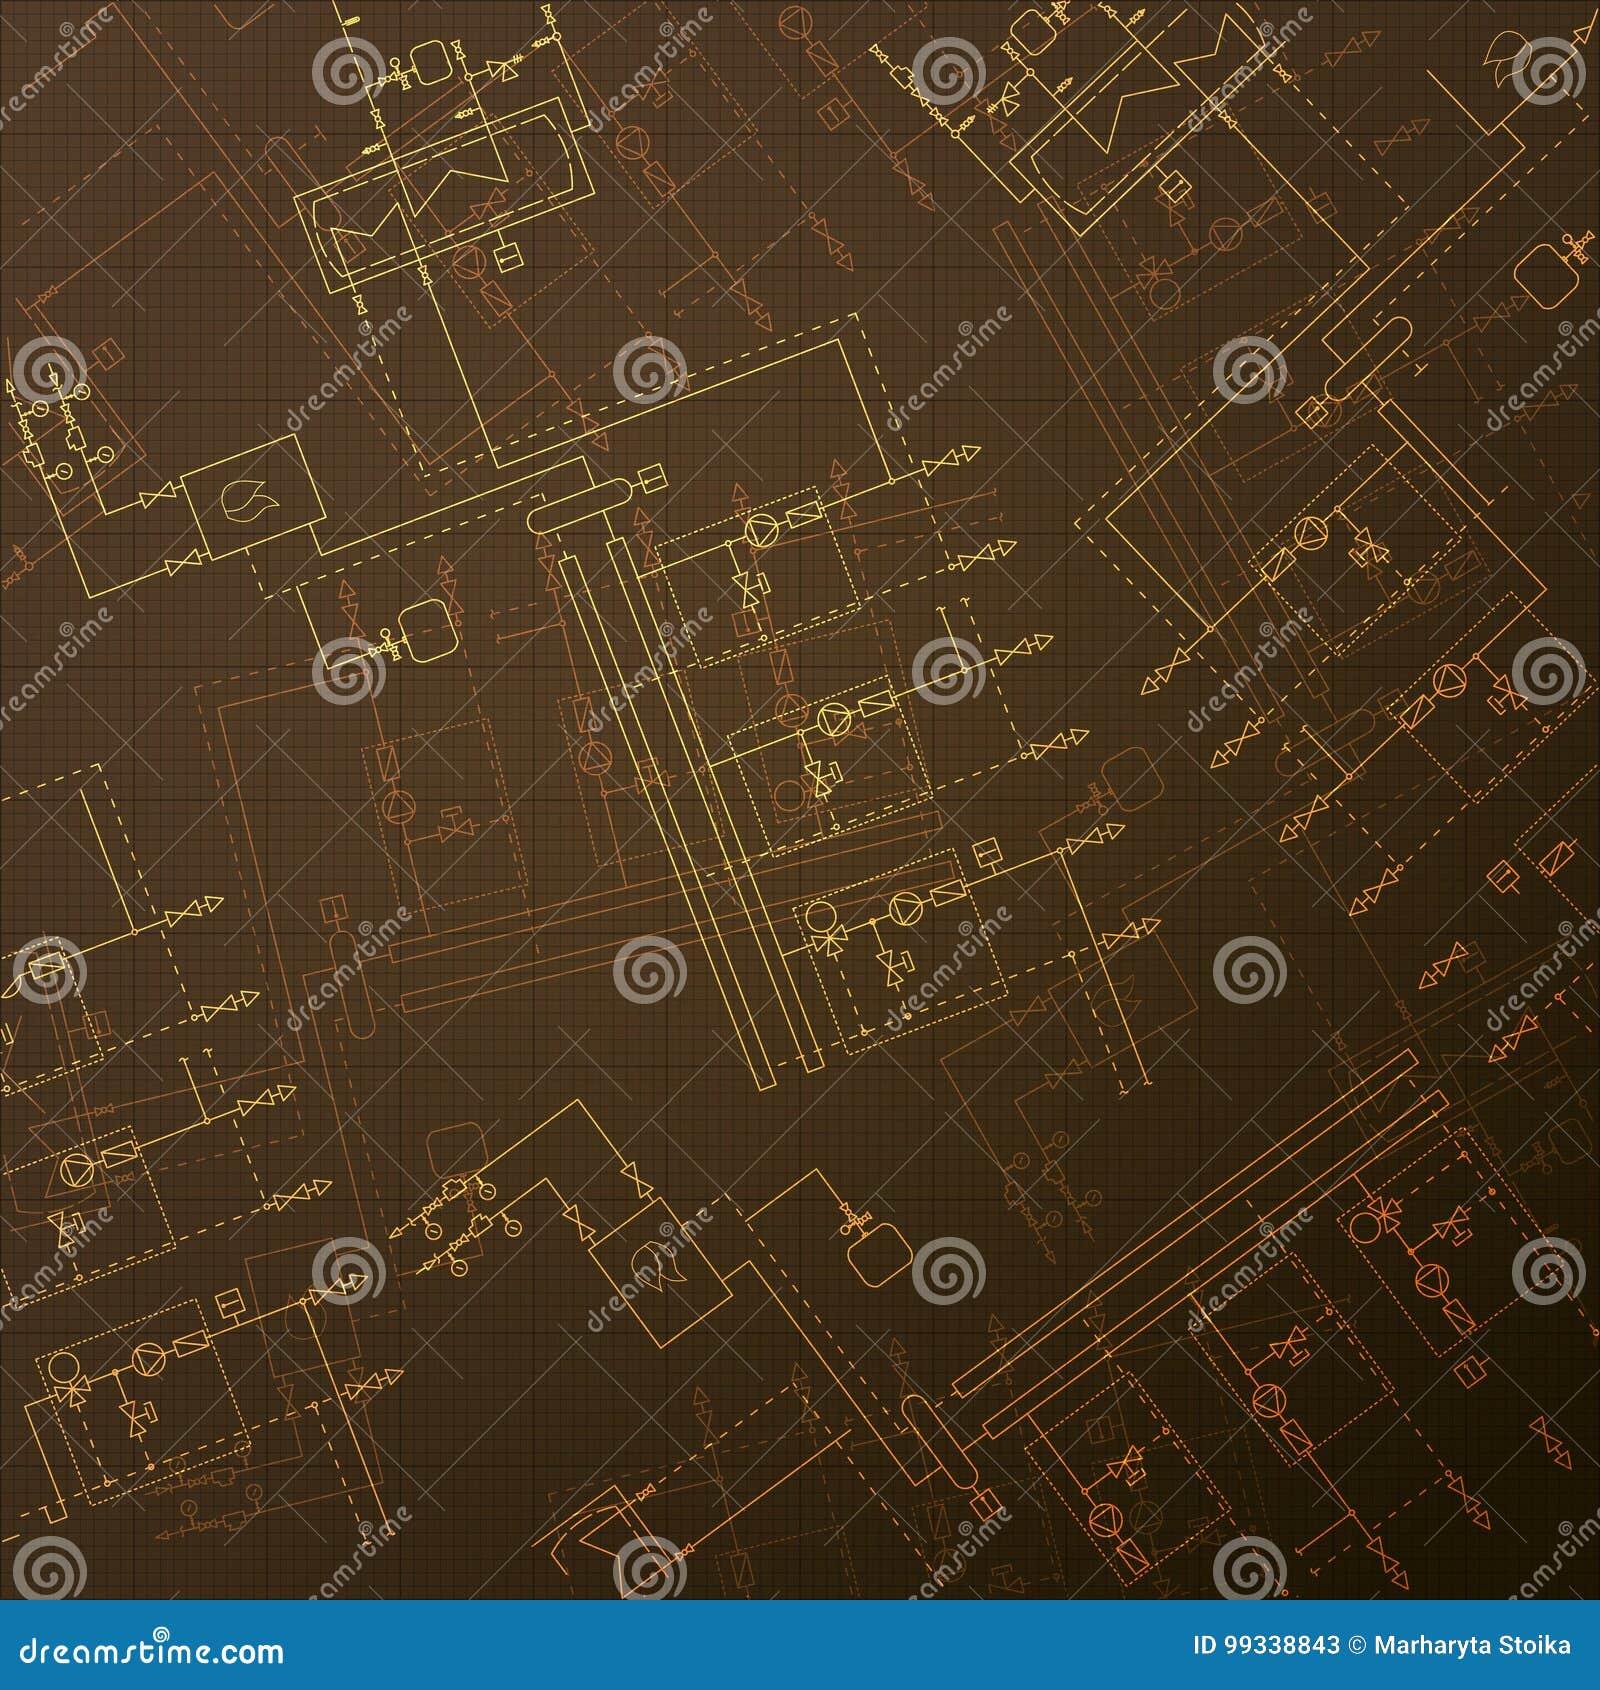 Fein Zentralheizung Plan Galerie - Der Schaltplan - triangre.info